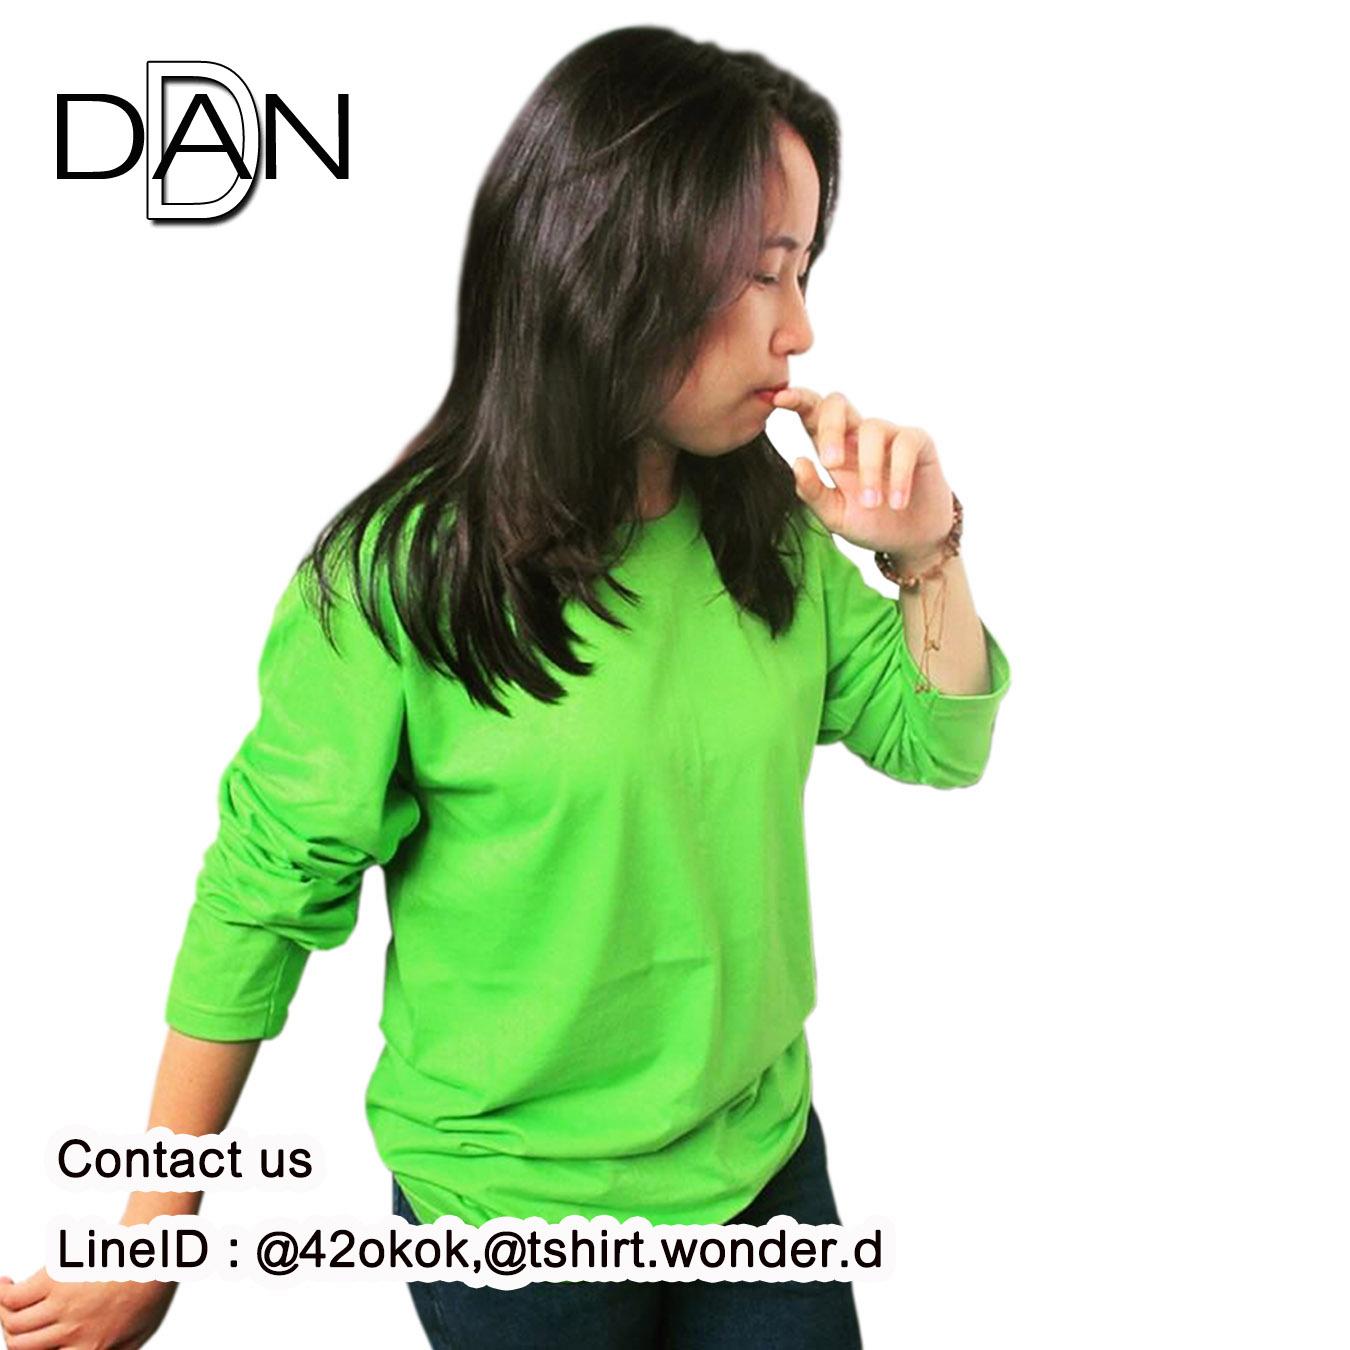 เสื้อยืดคอกลมแขนยาว สีเขียวตอง